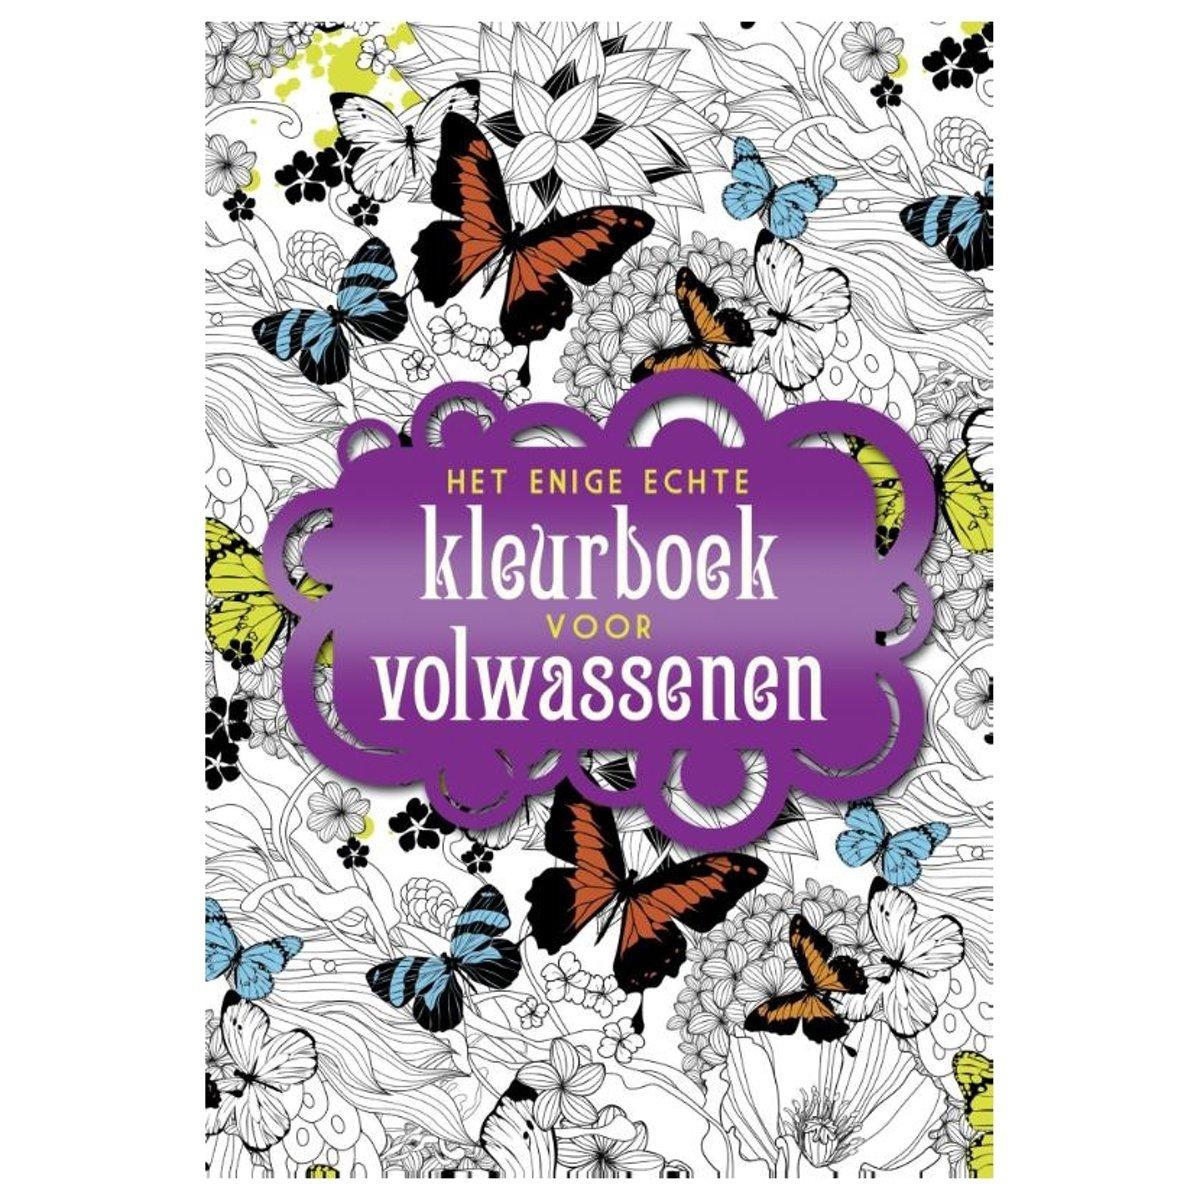 Kleurplaten Uit Kleurboek Voor Volwassenen.Bol Com Het Enige Echte Kleurboek Voor Volwassenen Diverse